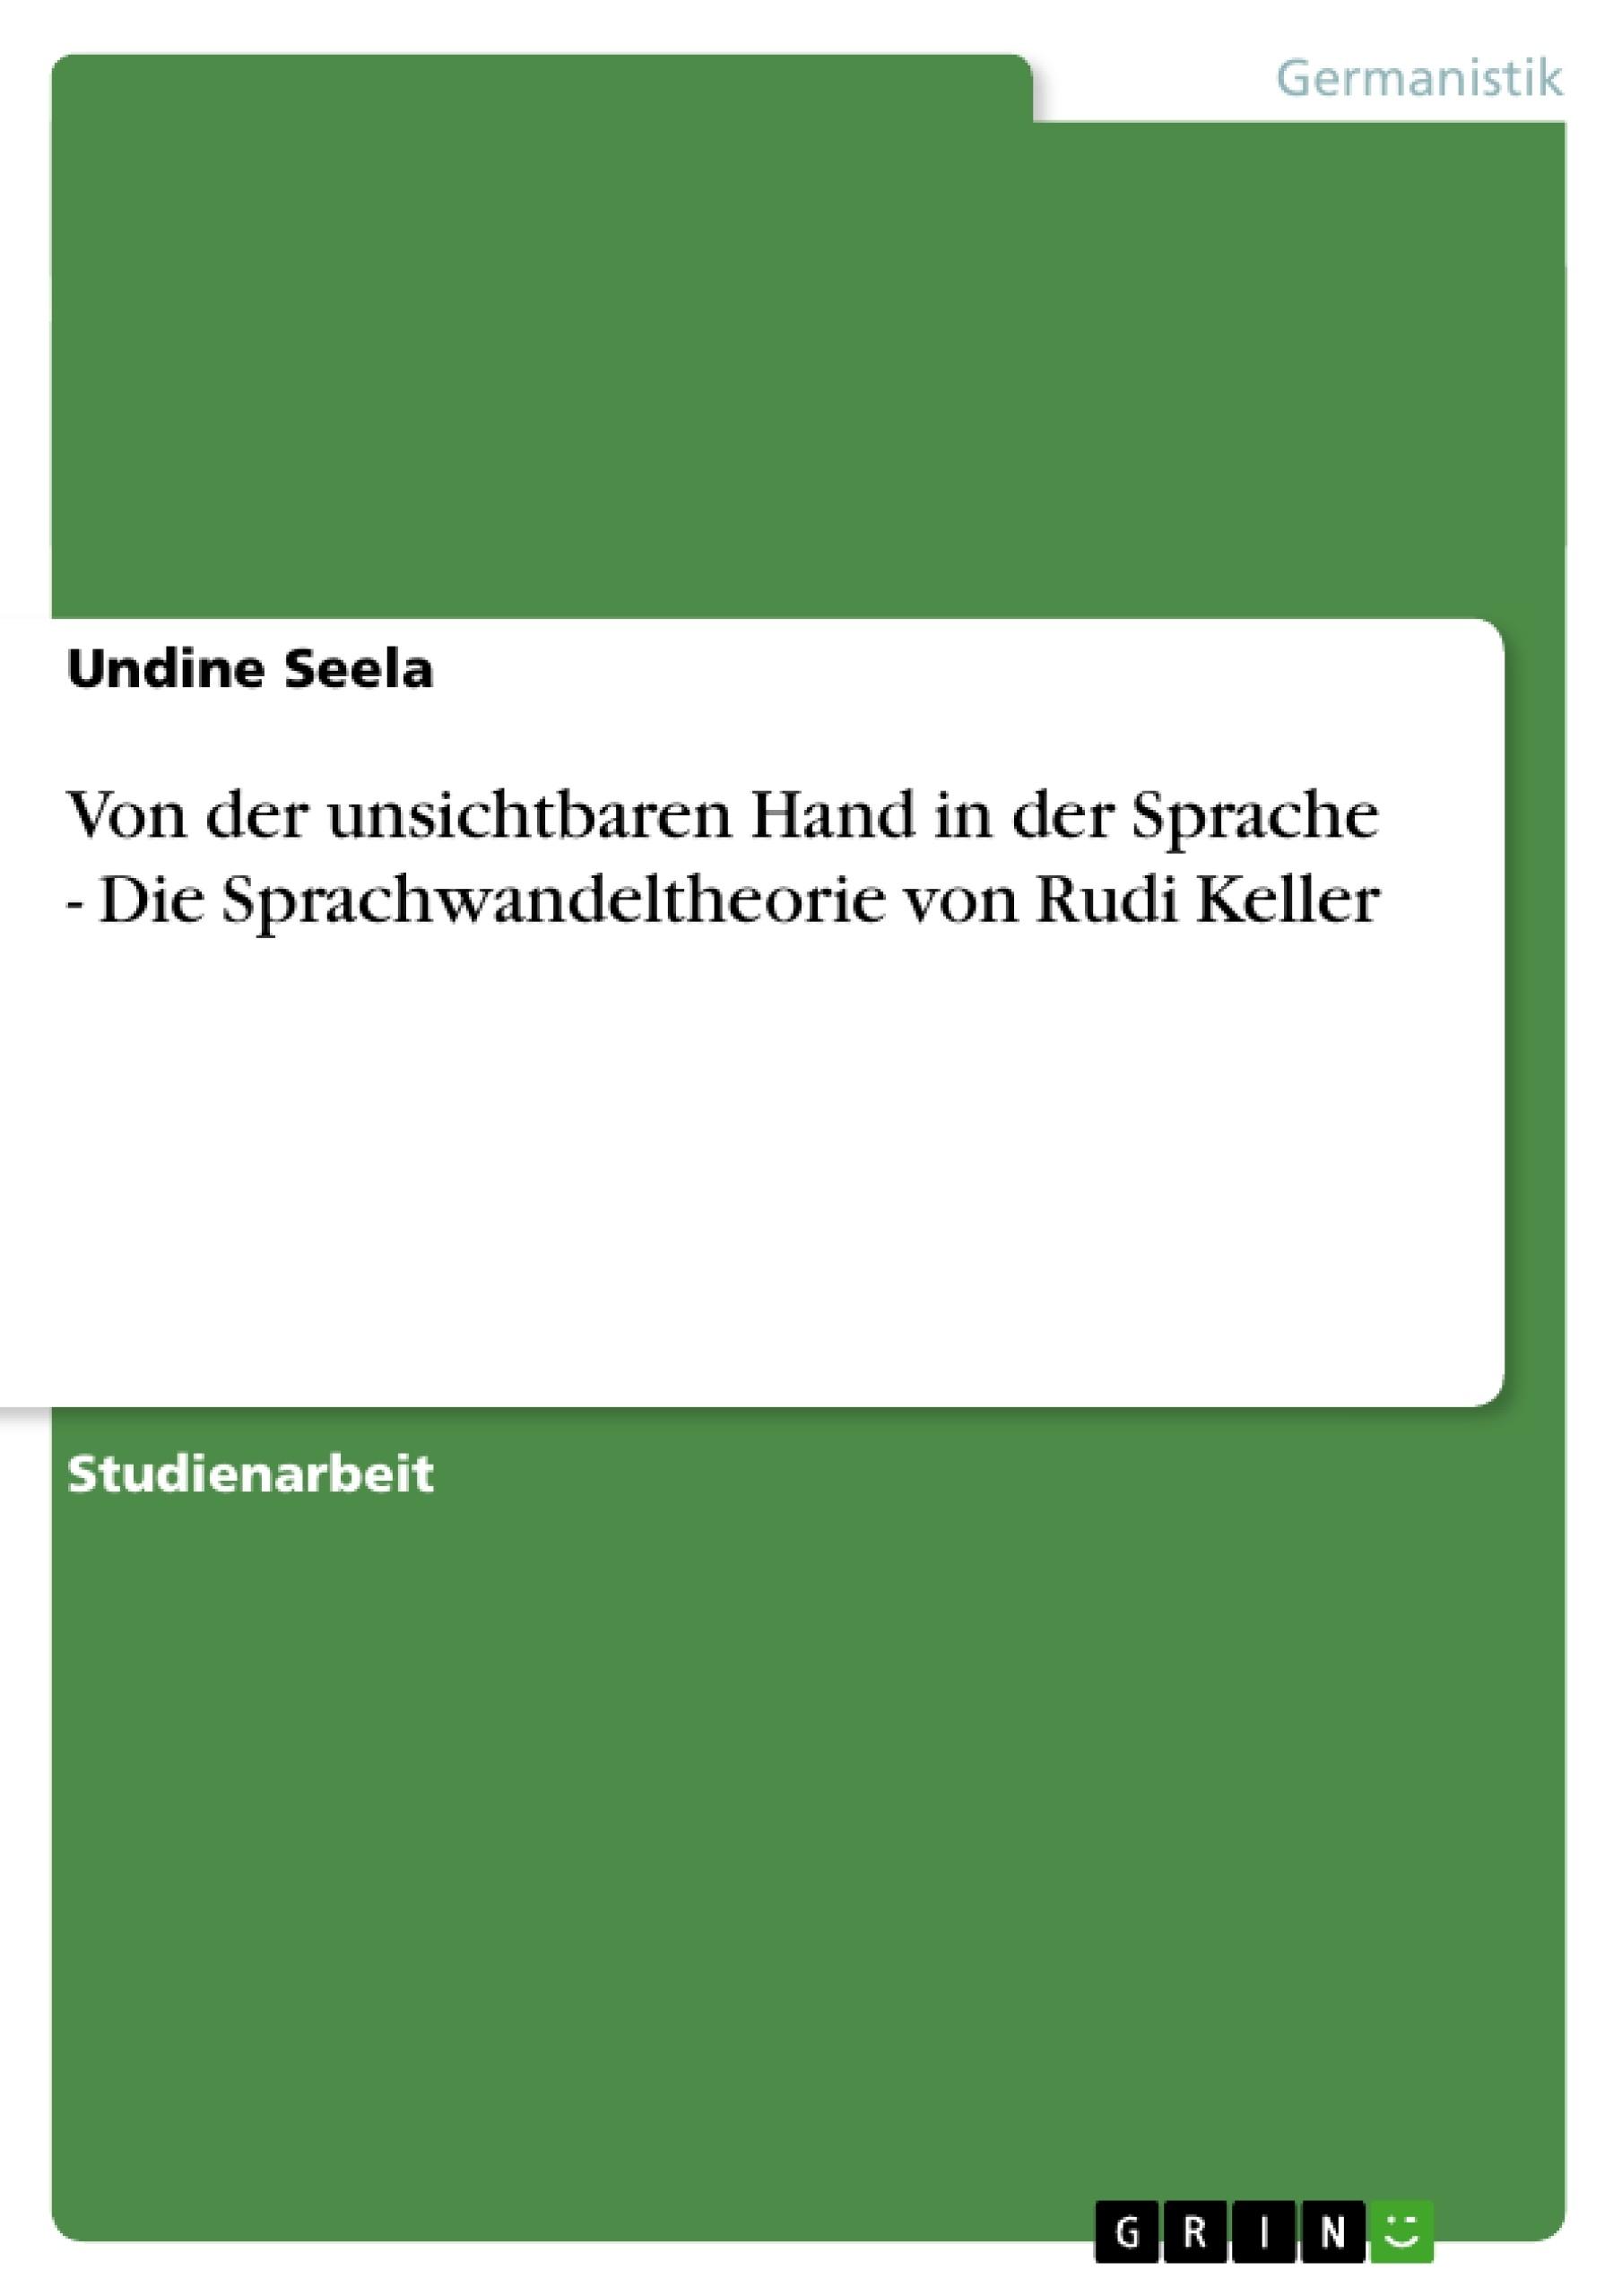 Titel: Von der unsichtbaren Hand in der Sprache - Die Sprachwandeltheorie von Rudi Keller